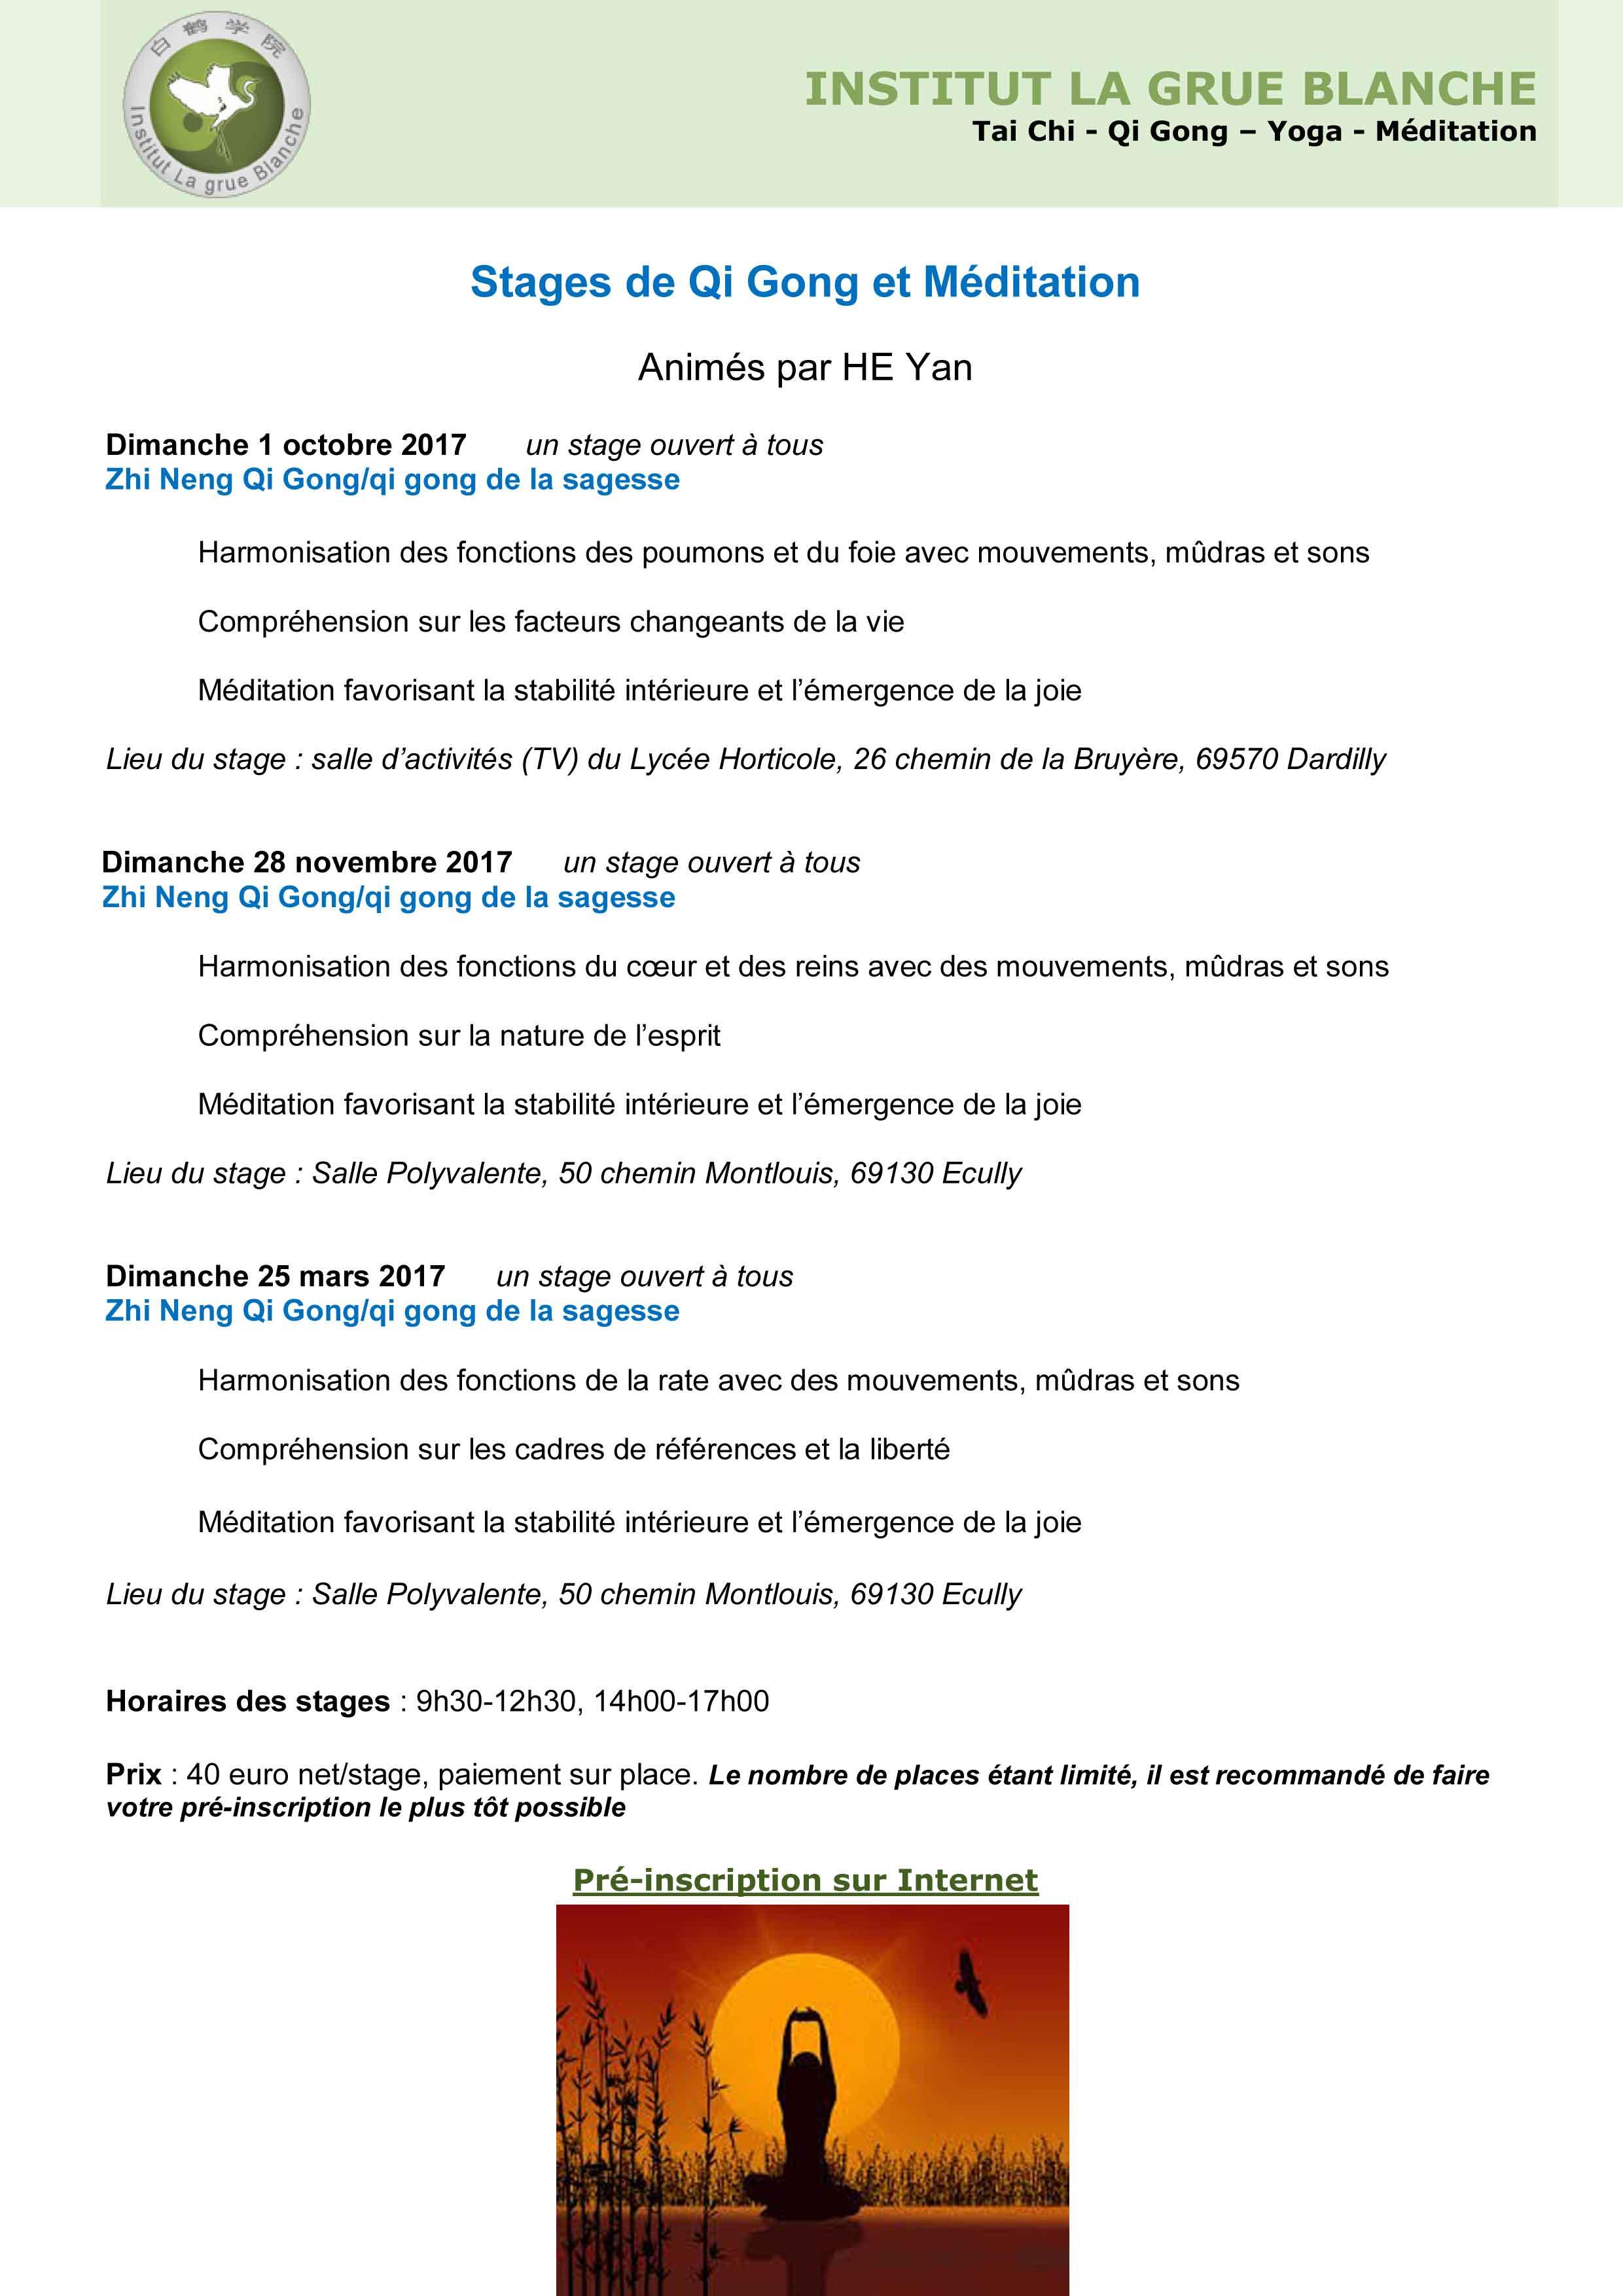 liste_des_cours_et_stages_saison_2017-2018-v3-qi-gong